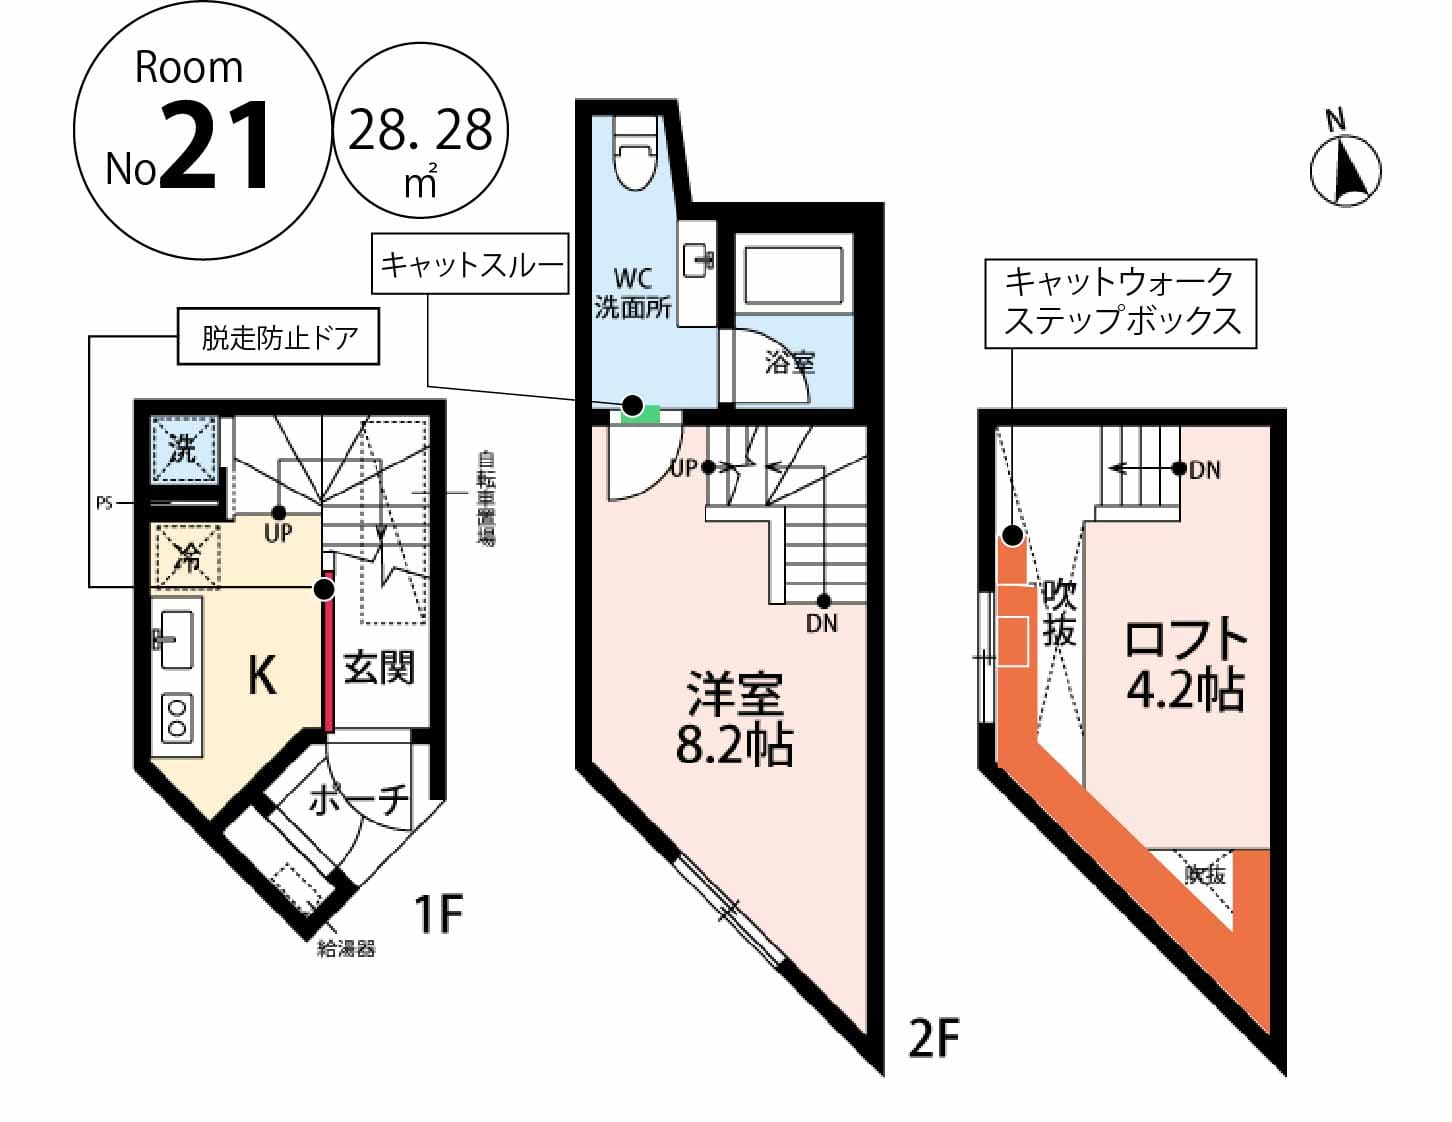 ◆お家賃109,000円(管理費別3,000円)◆猫ちゃんは3匹まで(相談)